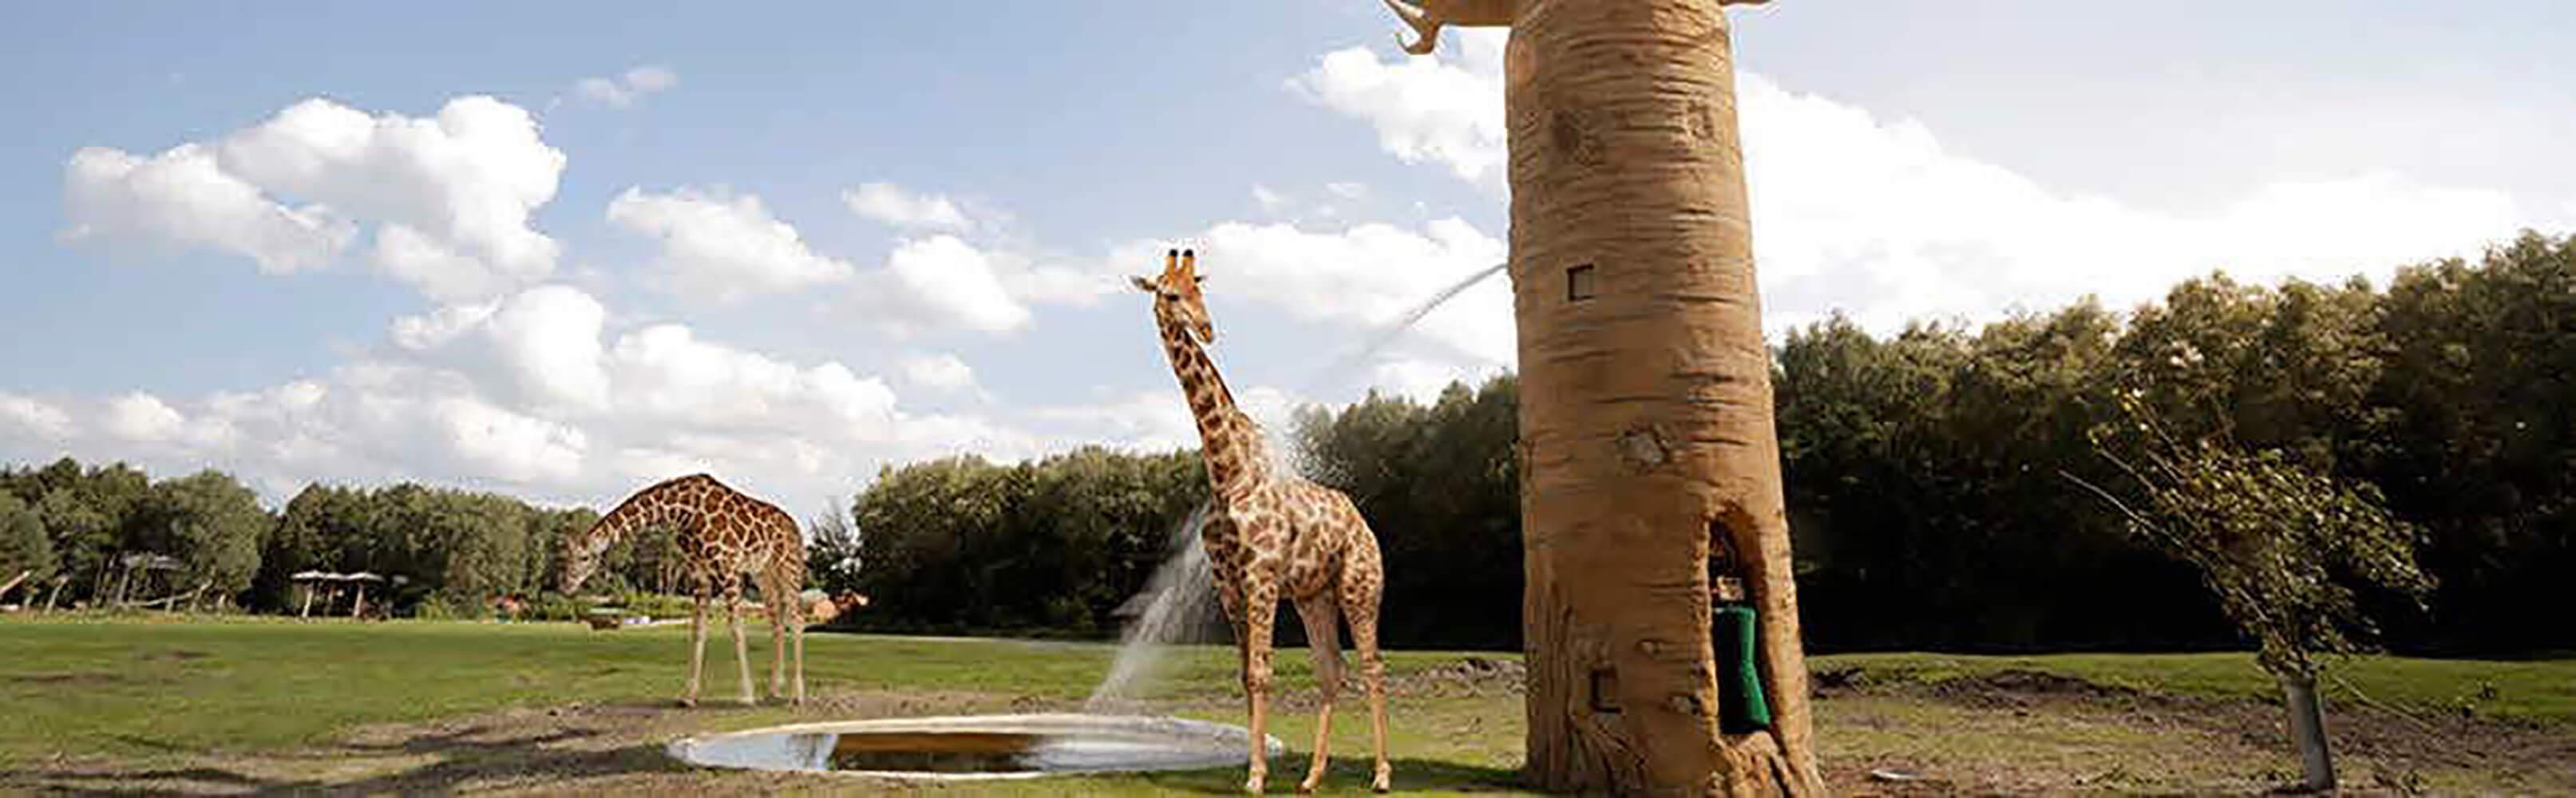 Serengeti-Park Hodenhagen 1